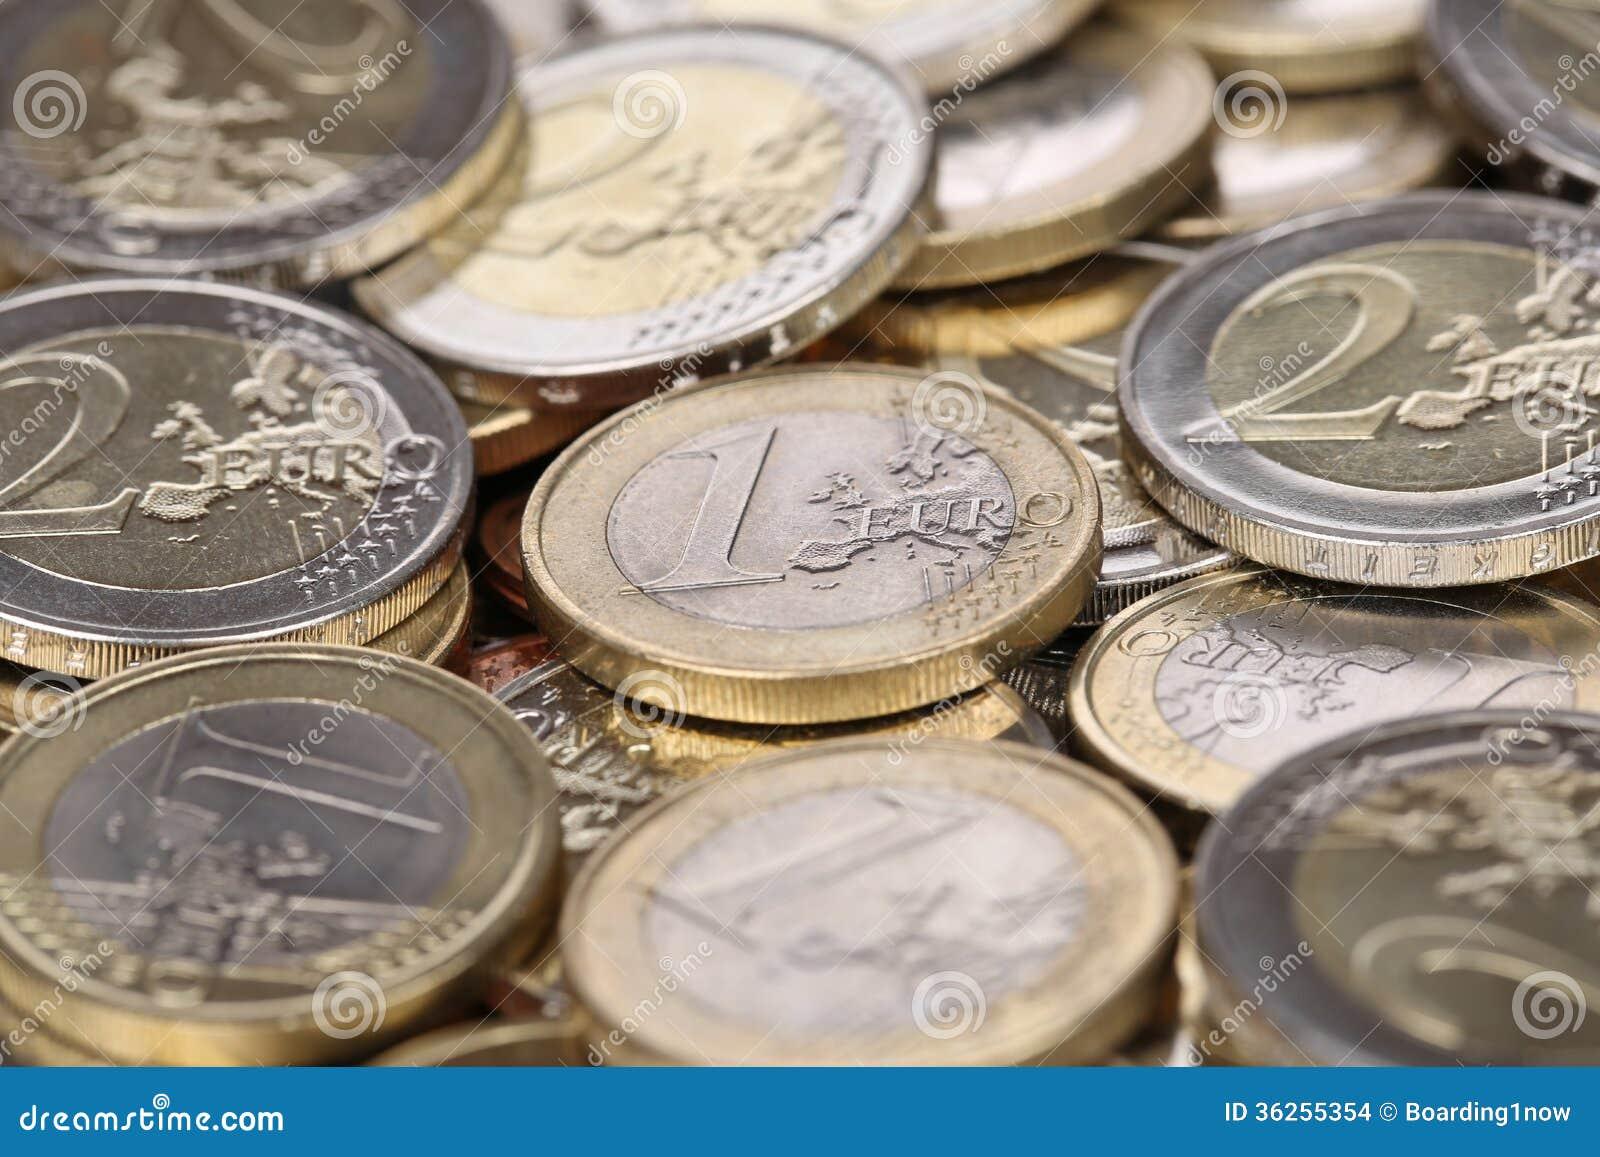 En och två euromynt från Europa